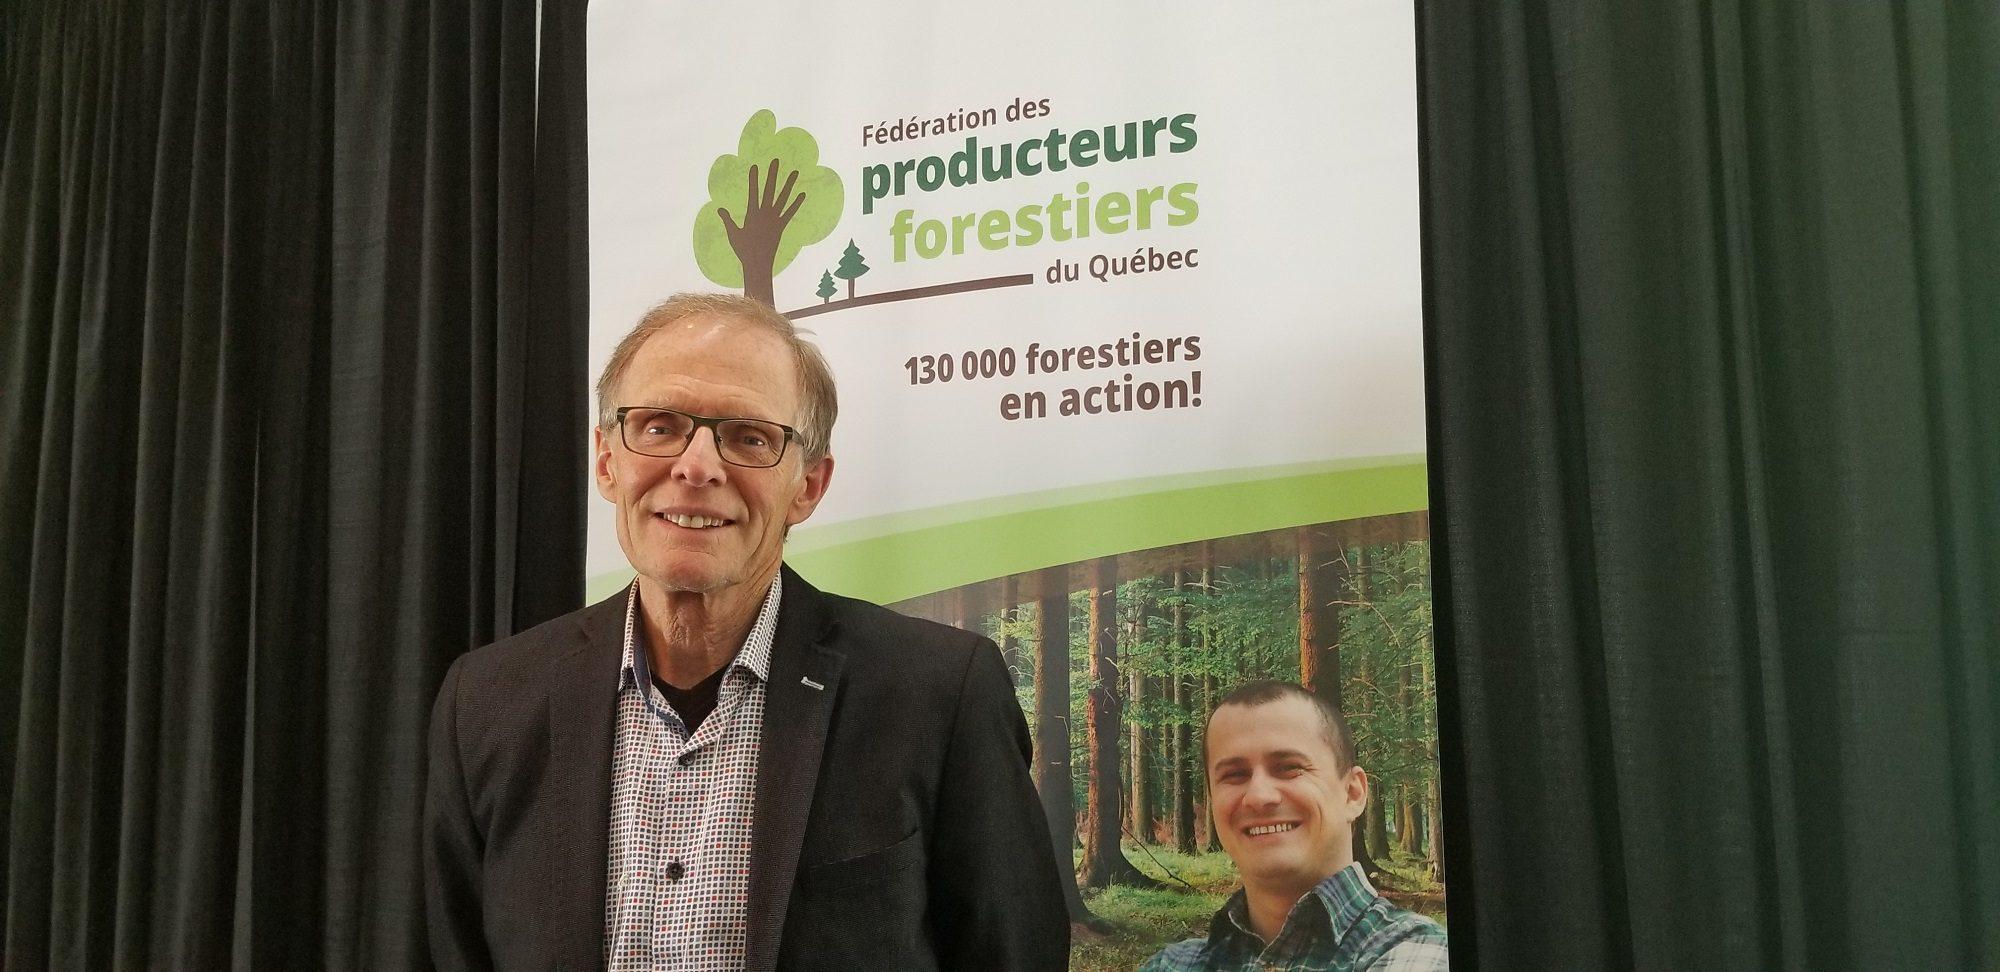 Le président de la FPFQ, Pierre-Maurice Gagnon, était heureux de recevoir les participants à ce congrès 2019.